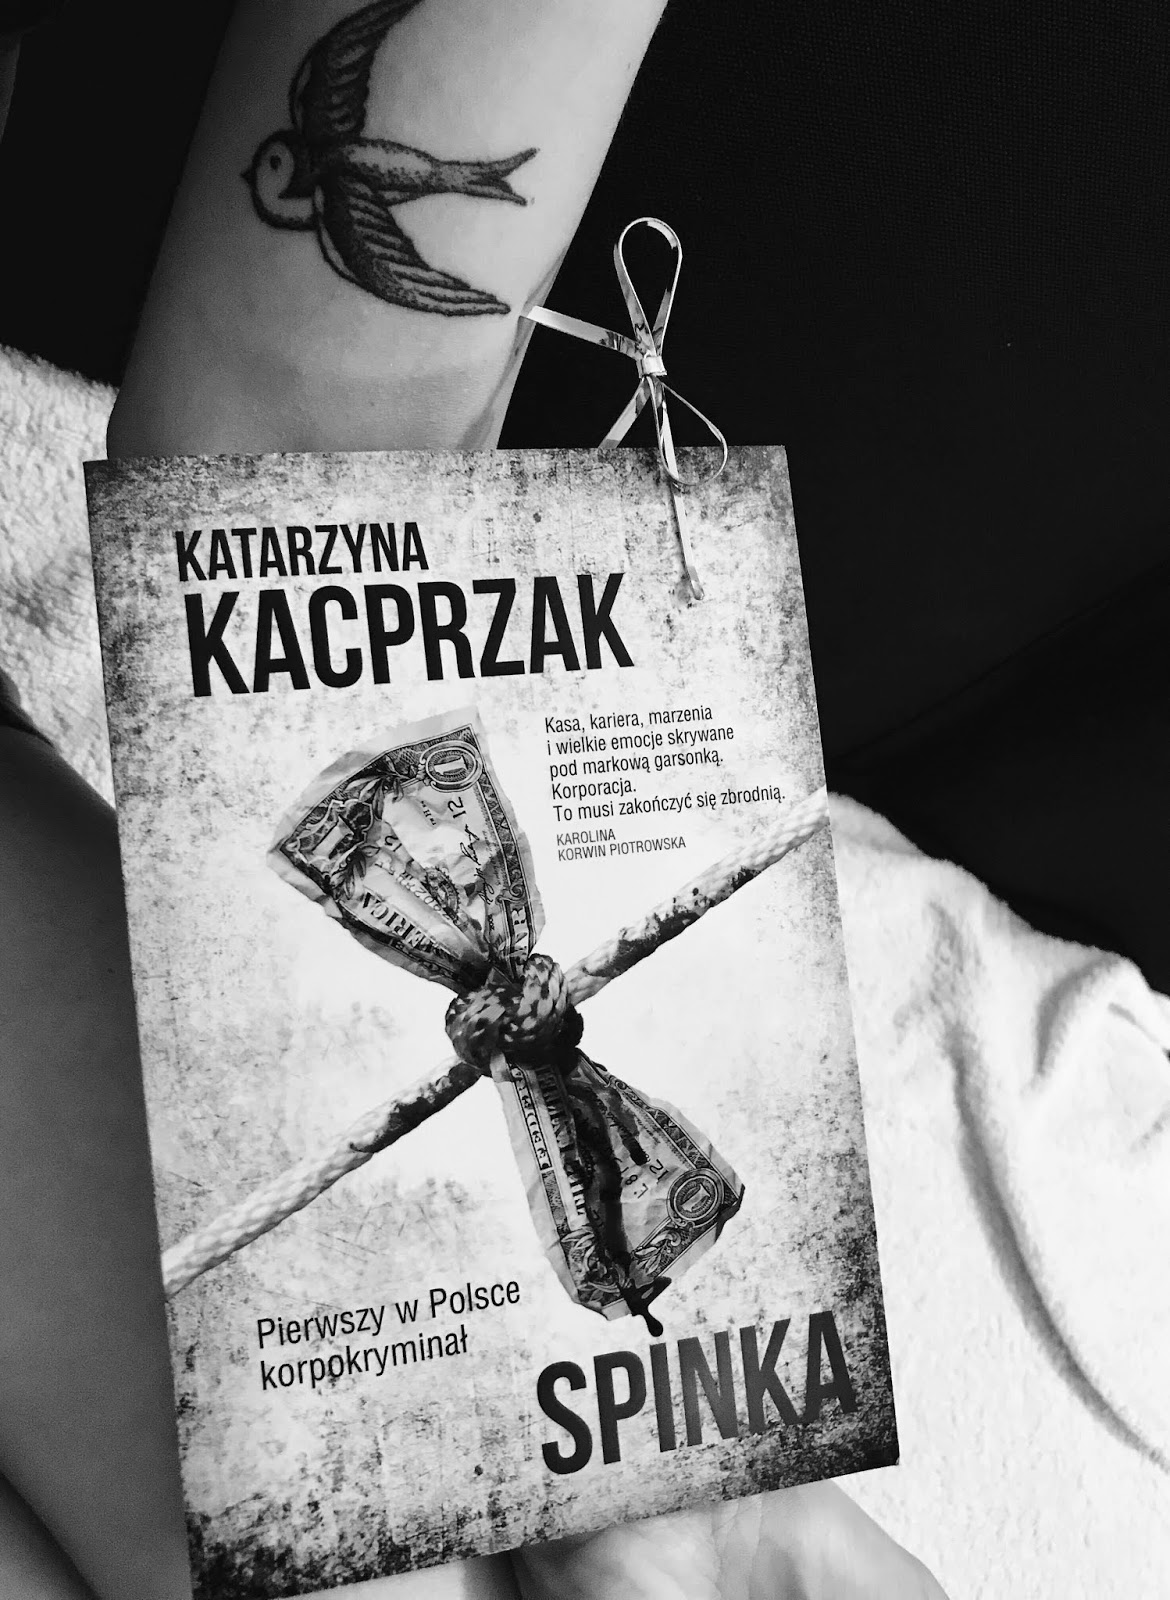 Katarzyna Kacprzak - Spinka